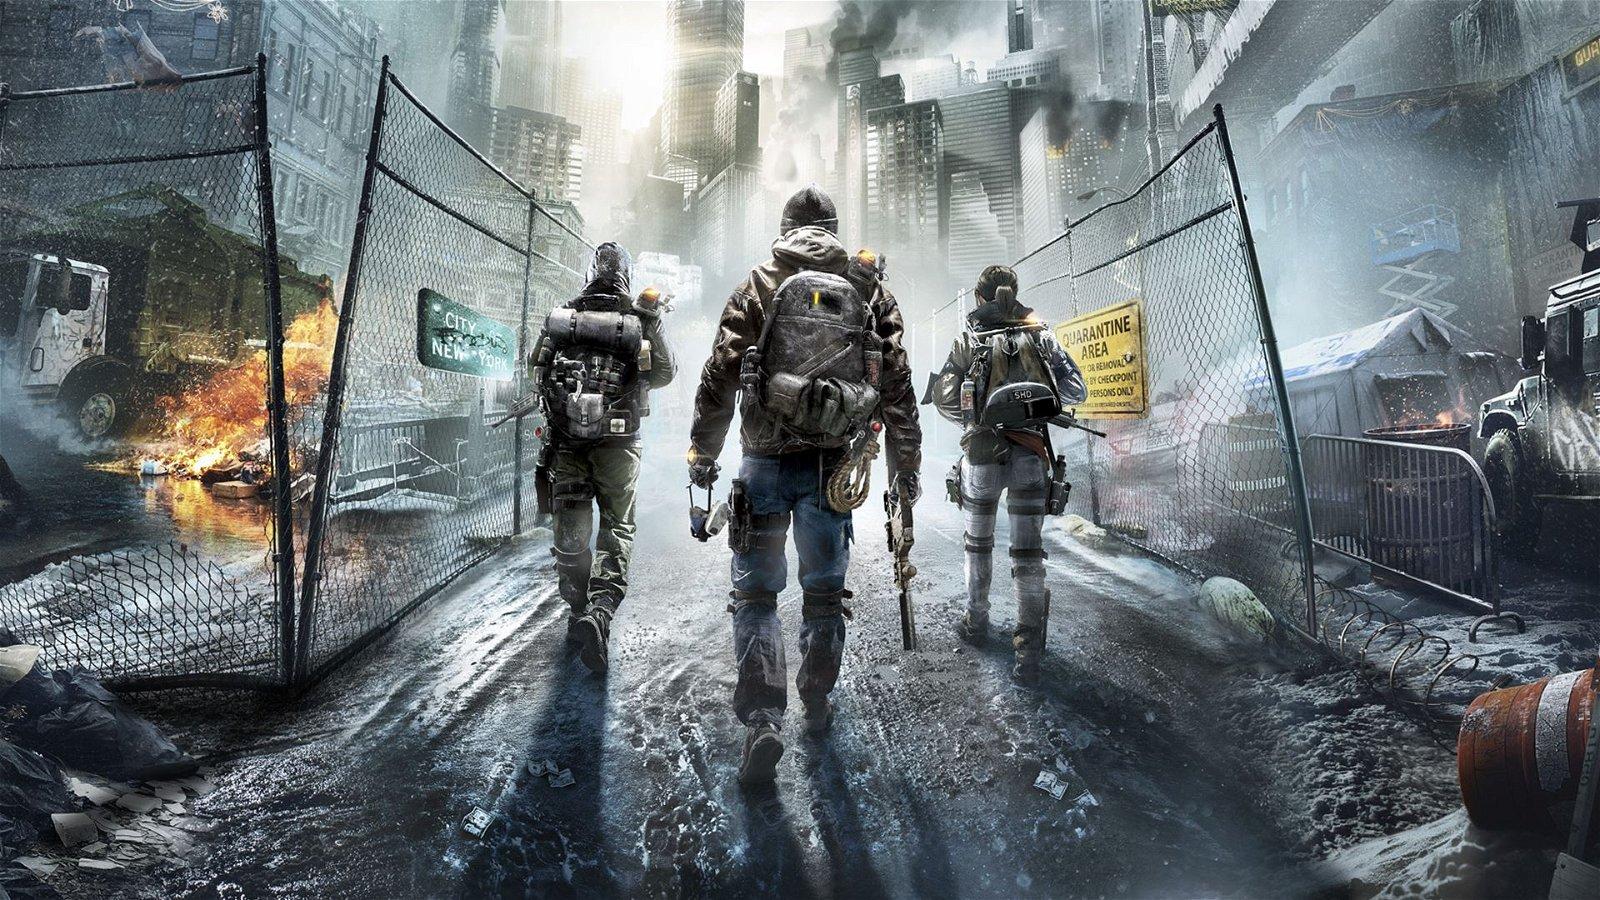 Ubisoft Announces The Division 2, Updates to Original Game